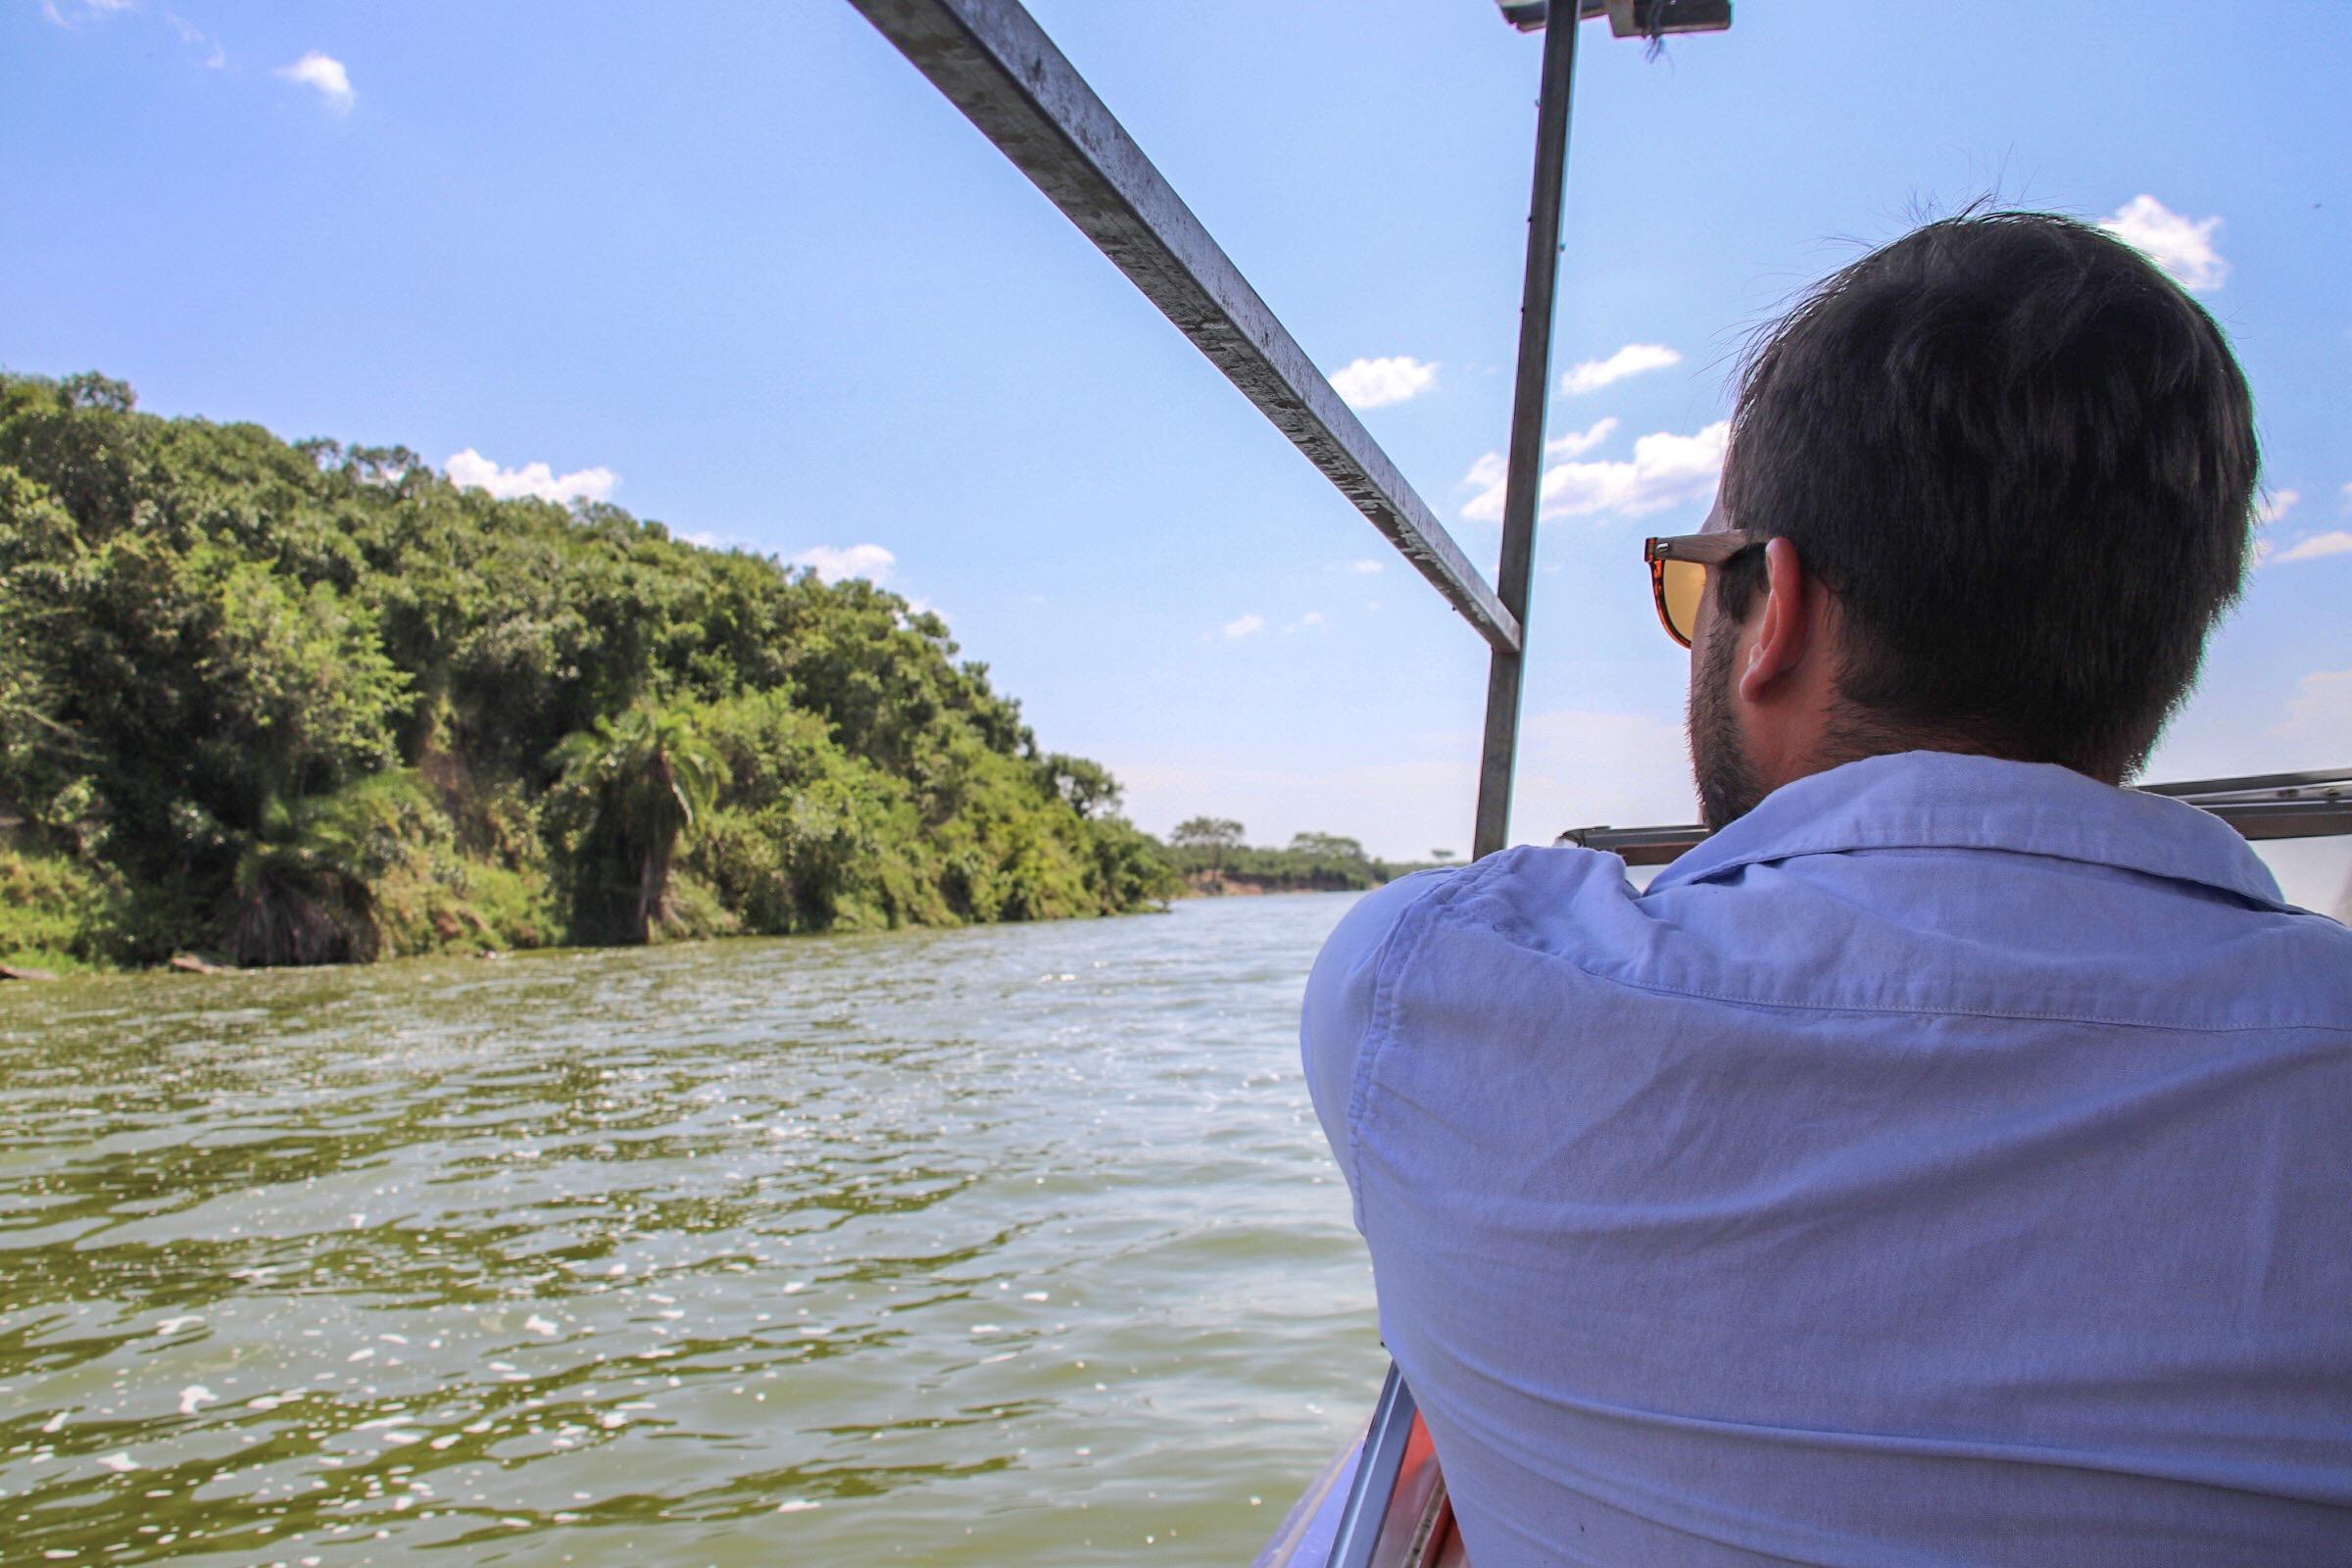 10-Day Wildlife Big 5, Murchison Falls, and Gorilla Trekking Safaris in Uganda 5